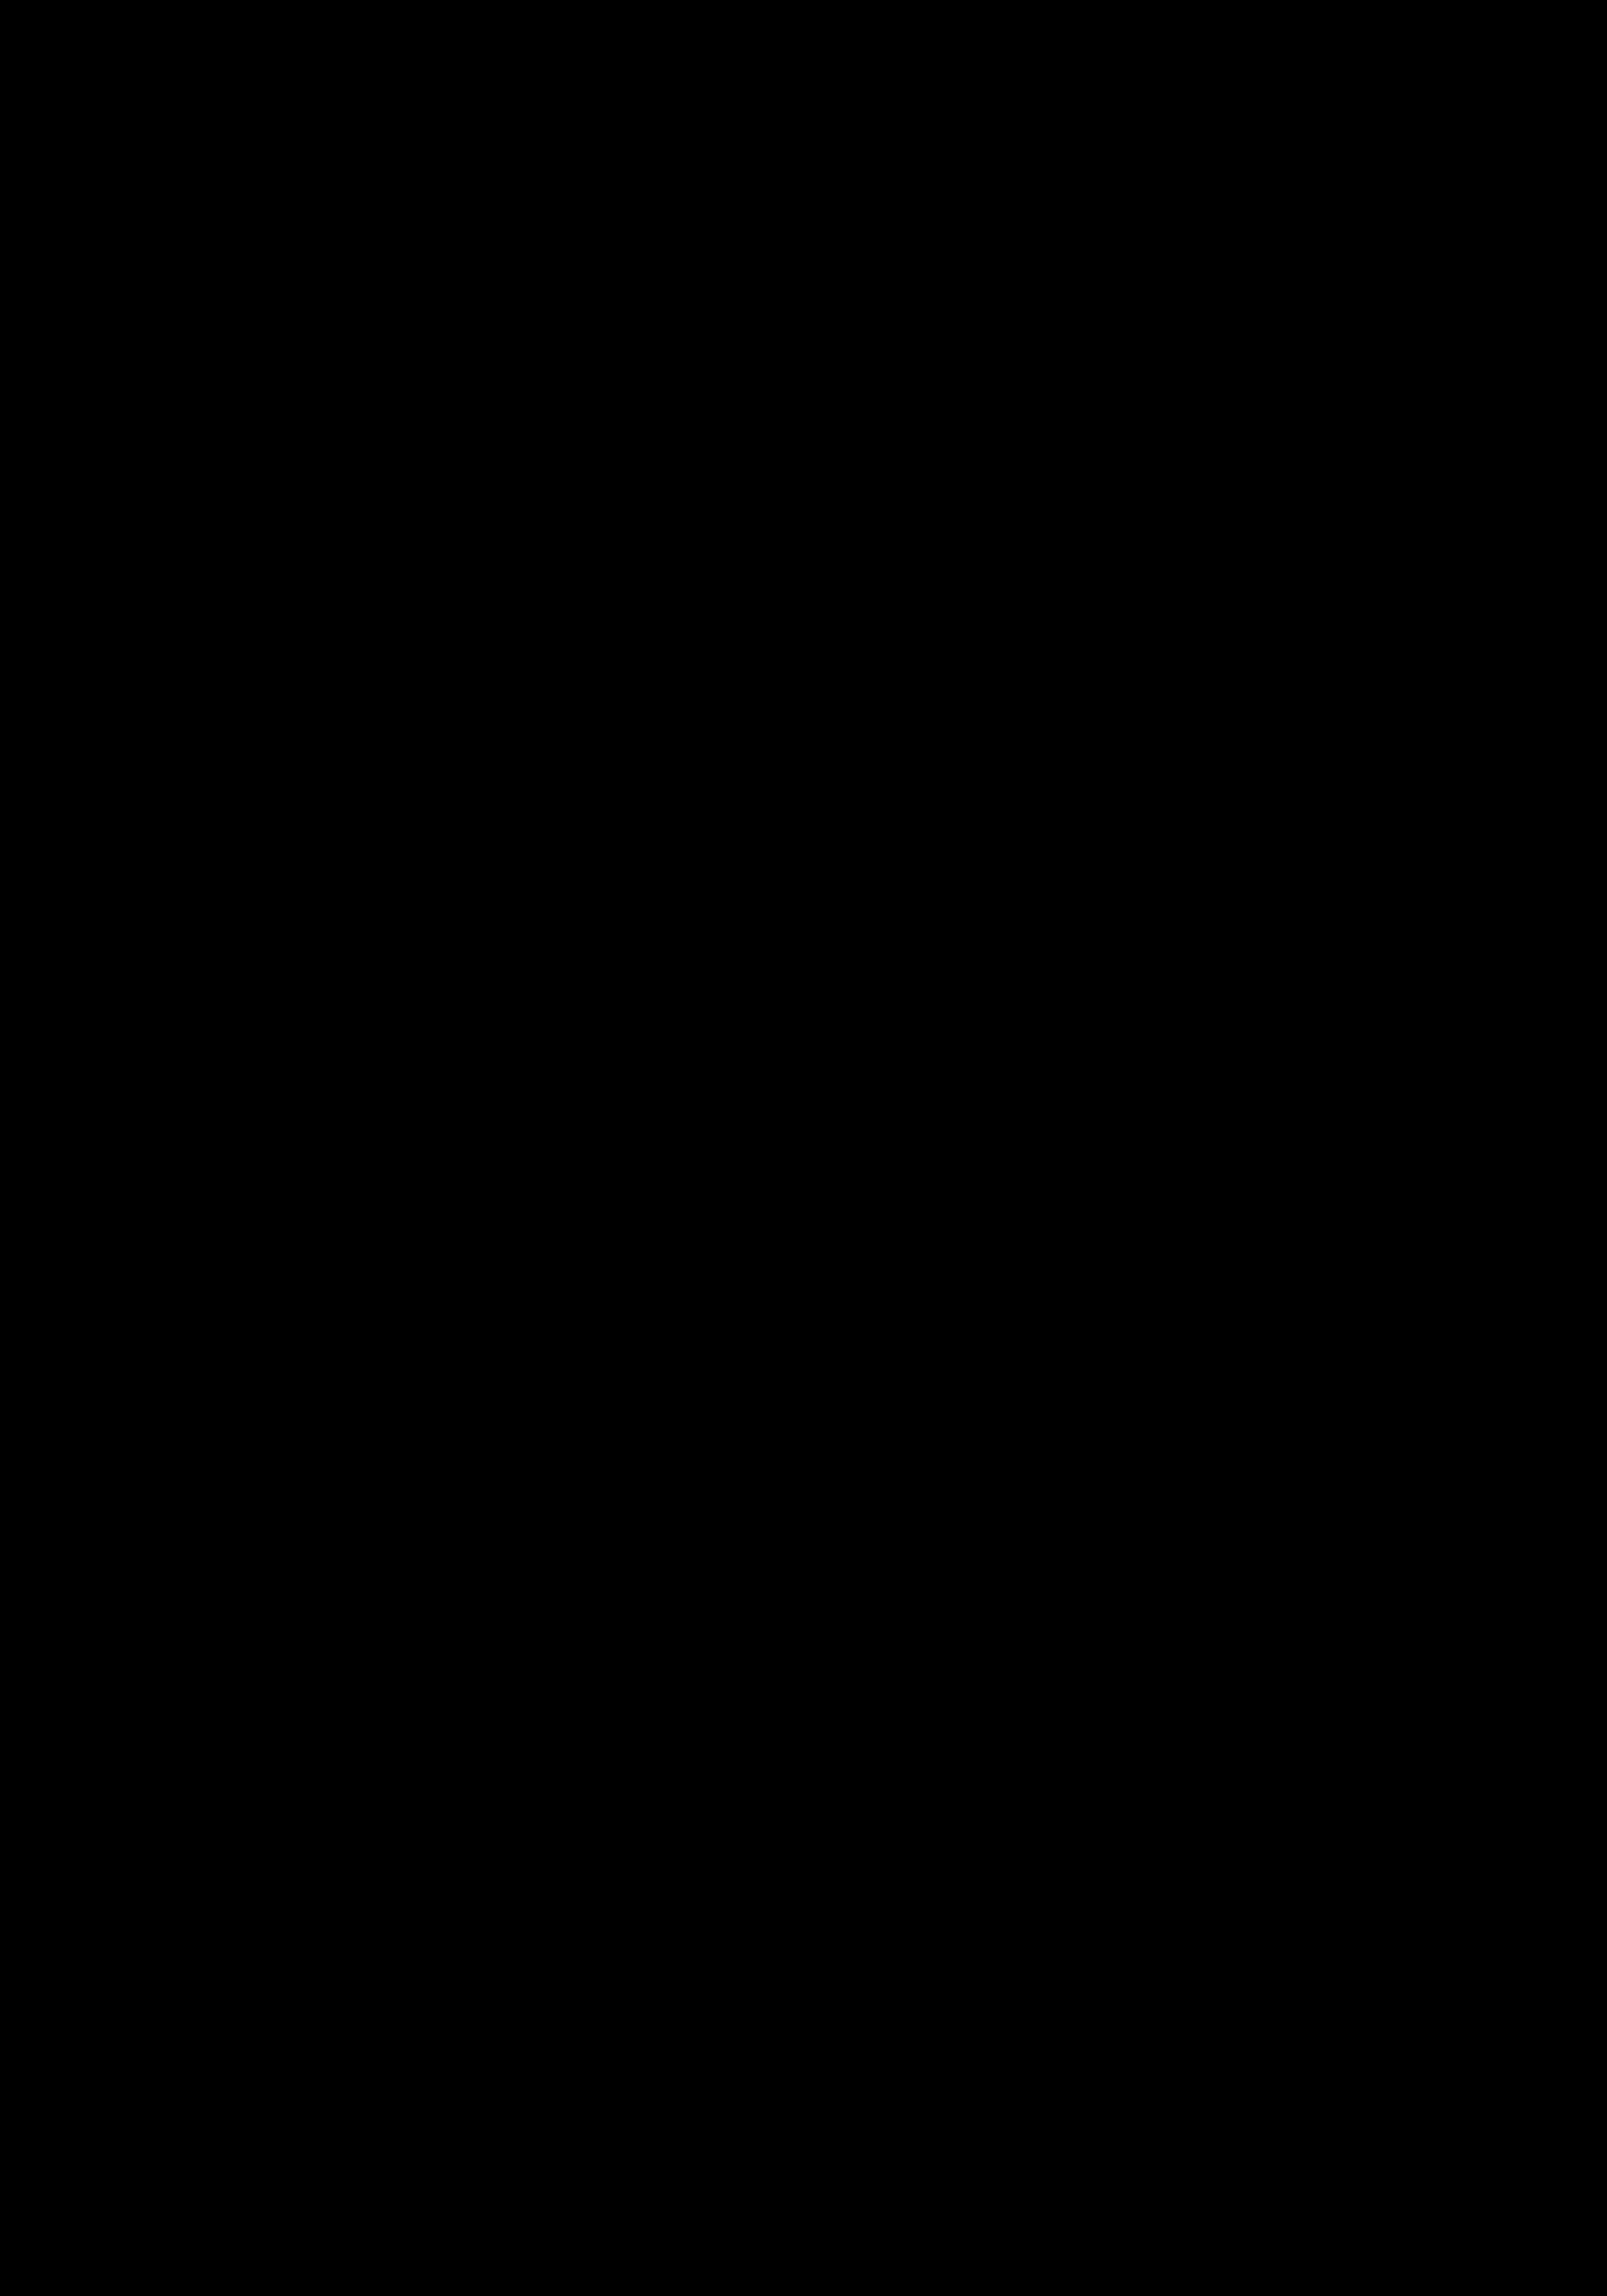 RIG-affiche-2020-femmes-hommes-Chris-Gautschi